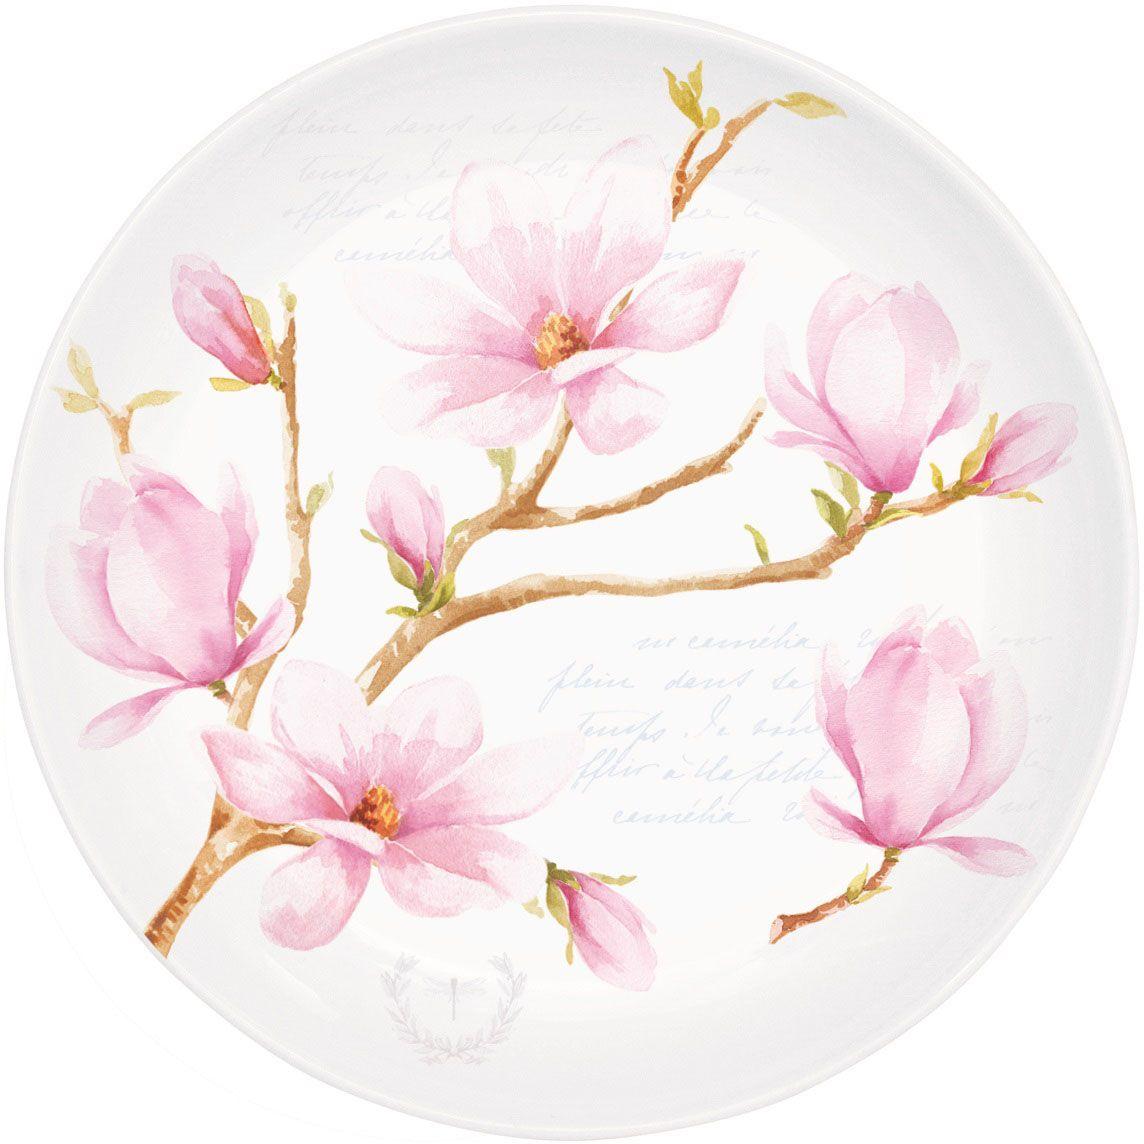 Тарелка десертная Nuova R2S Розовая магнолия, в подарочной упаковке, диаметр 19 см324MAGNДесертная тарелка Розовая магнолия выполнена из фарфора. Изделие прекрасно подойдет в дополнение к кружке коллекции или как самостоятельный предмет посуды.Диаметр: 19 см.